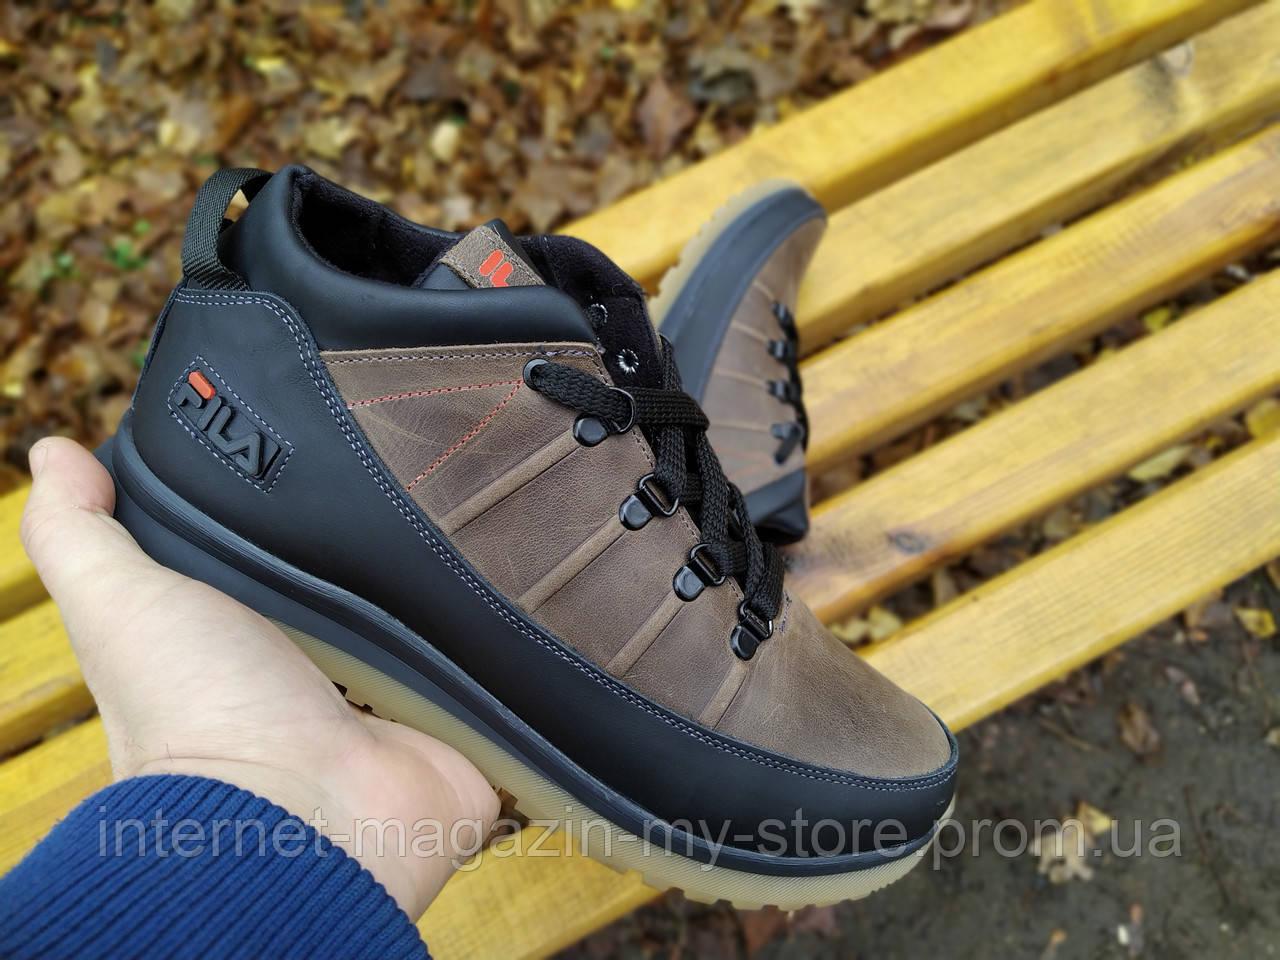 Мужские кожаные зимние ботинки Filla